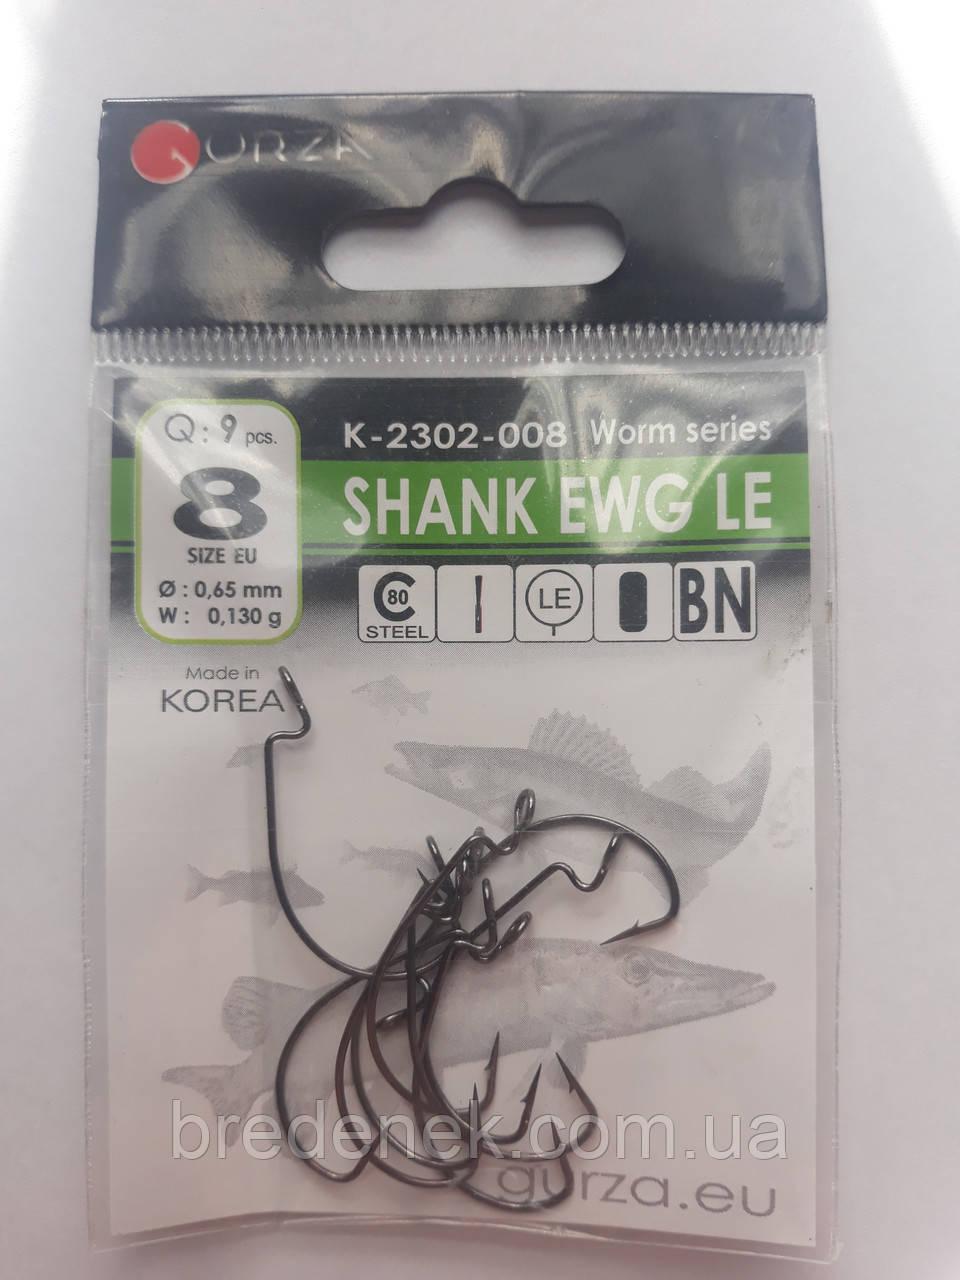 Крючки Gurza Shank EWG LE № 8